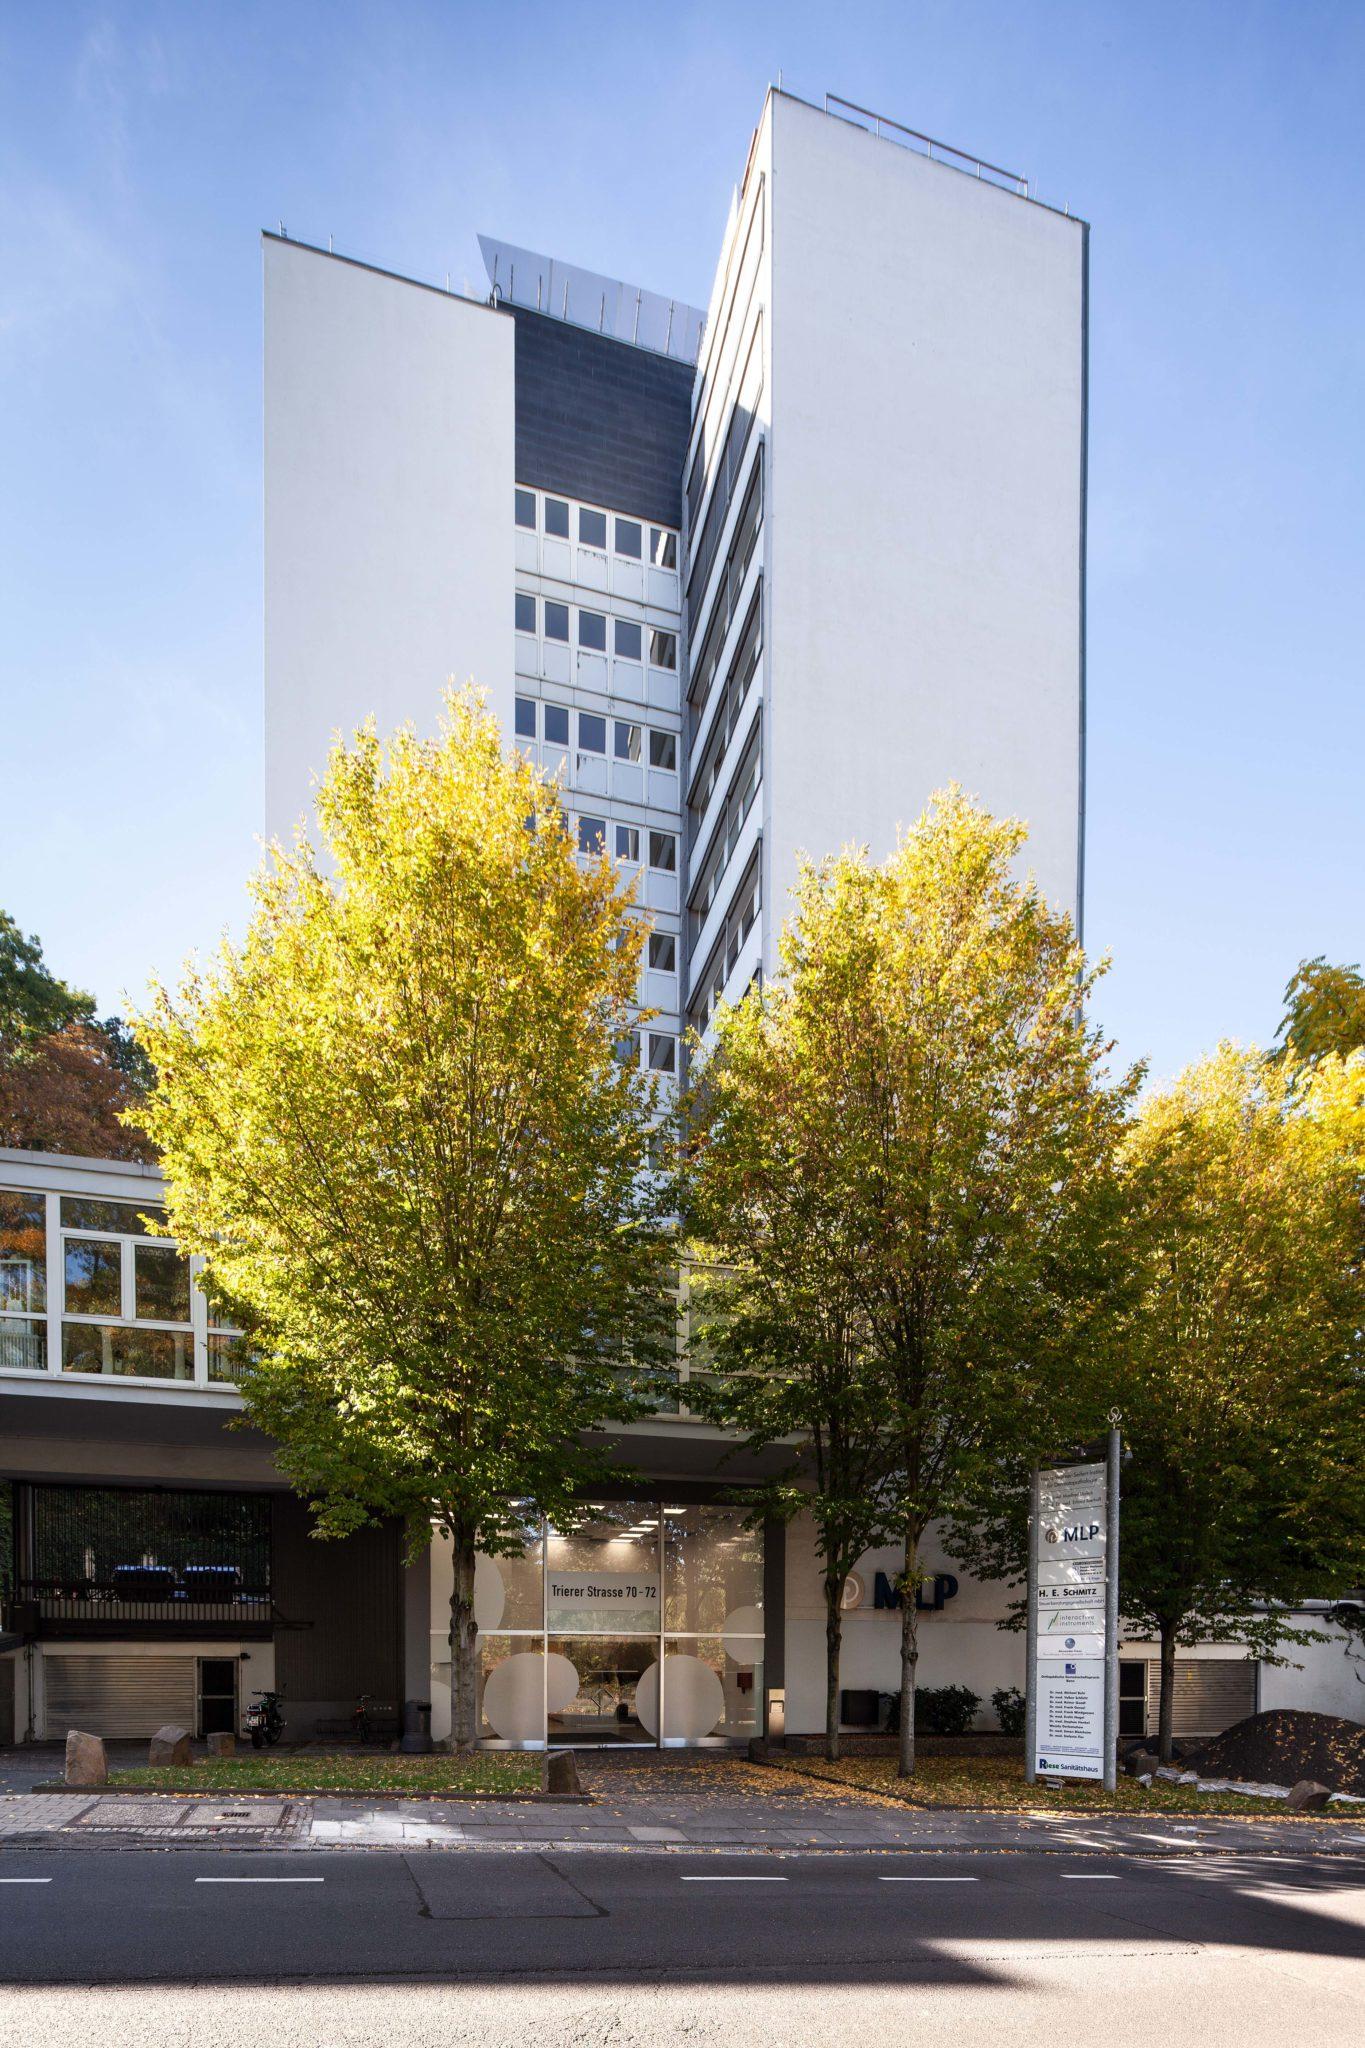 Das Foto zeigt das Gebäude der Orthopädischen Gemeinschaftspraxis in der Trierer Straße, Bonn.